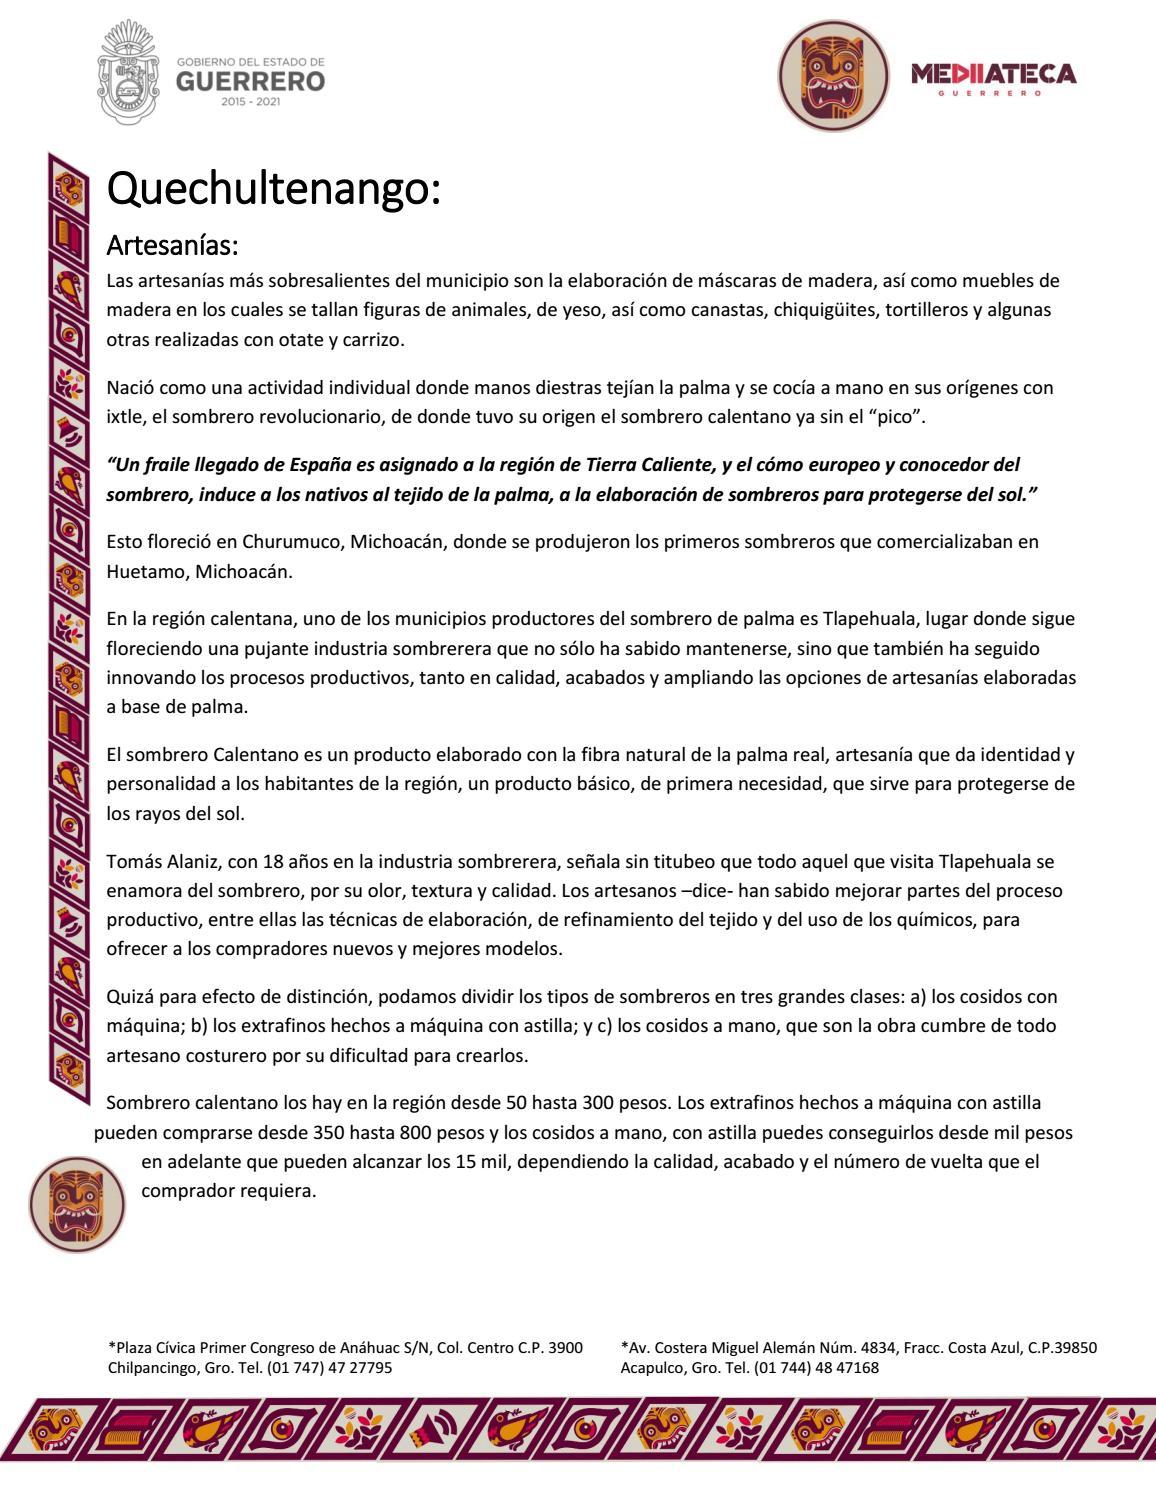 Artesanías de quechultenango by Mediateca Guerrero - issuu